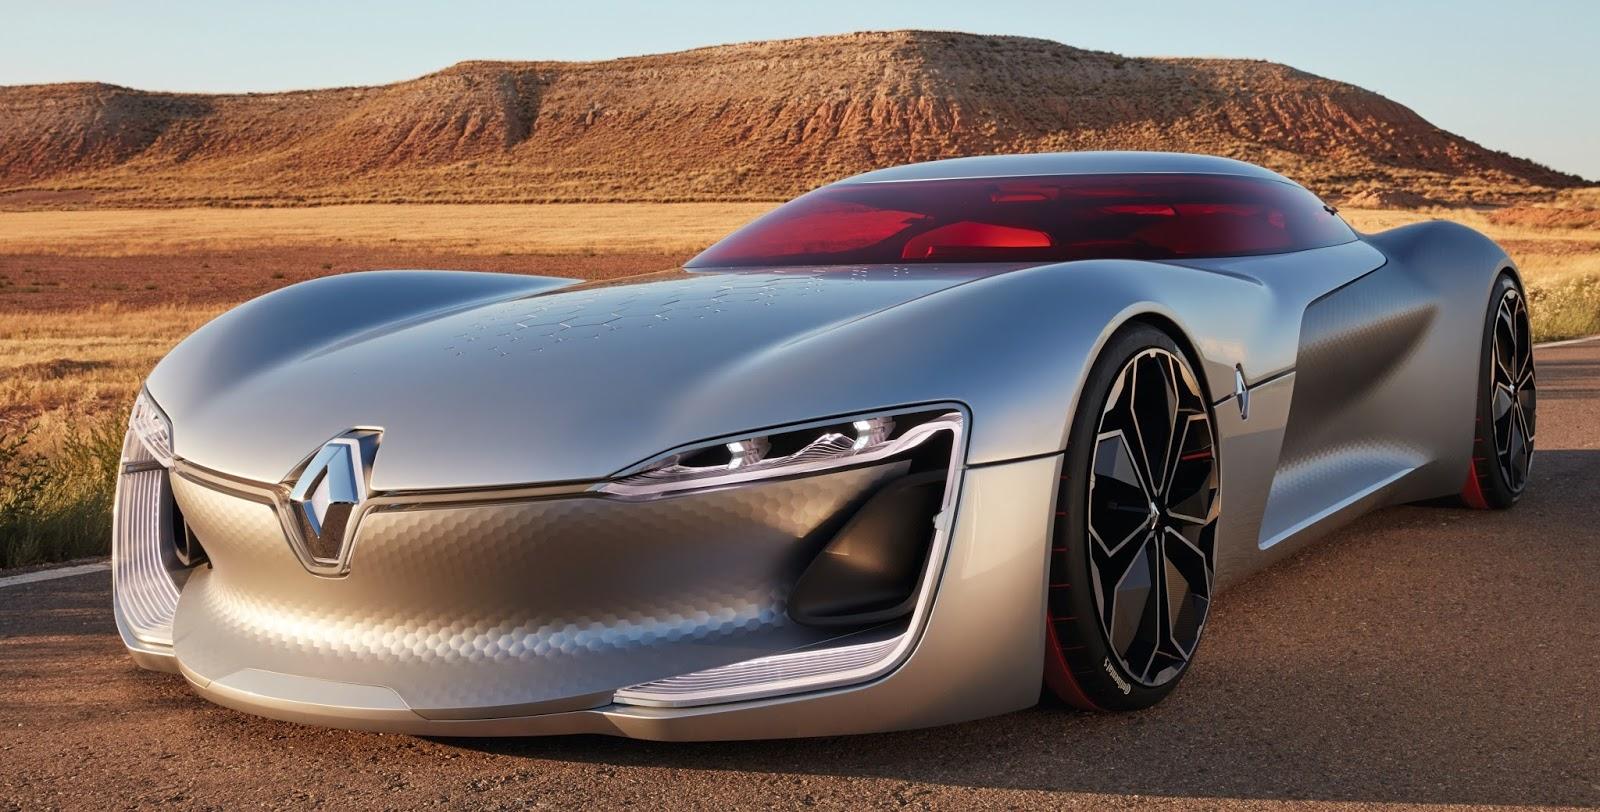 Renault Trezor é eleito carro-conceito mais bonito por júri de design internacional